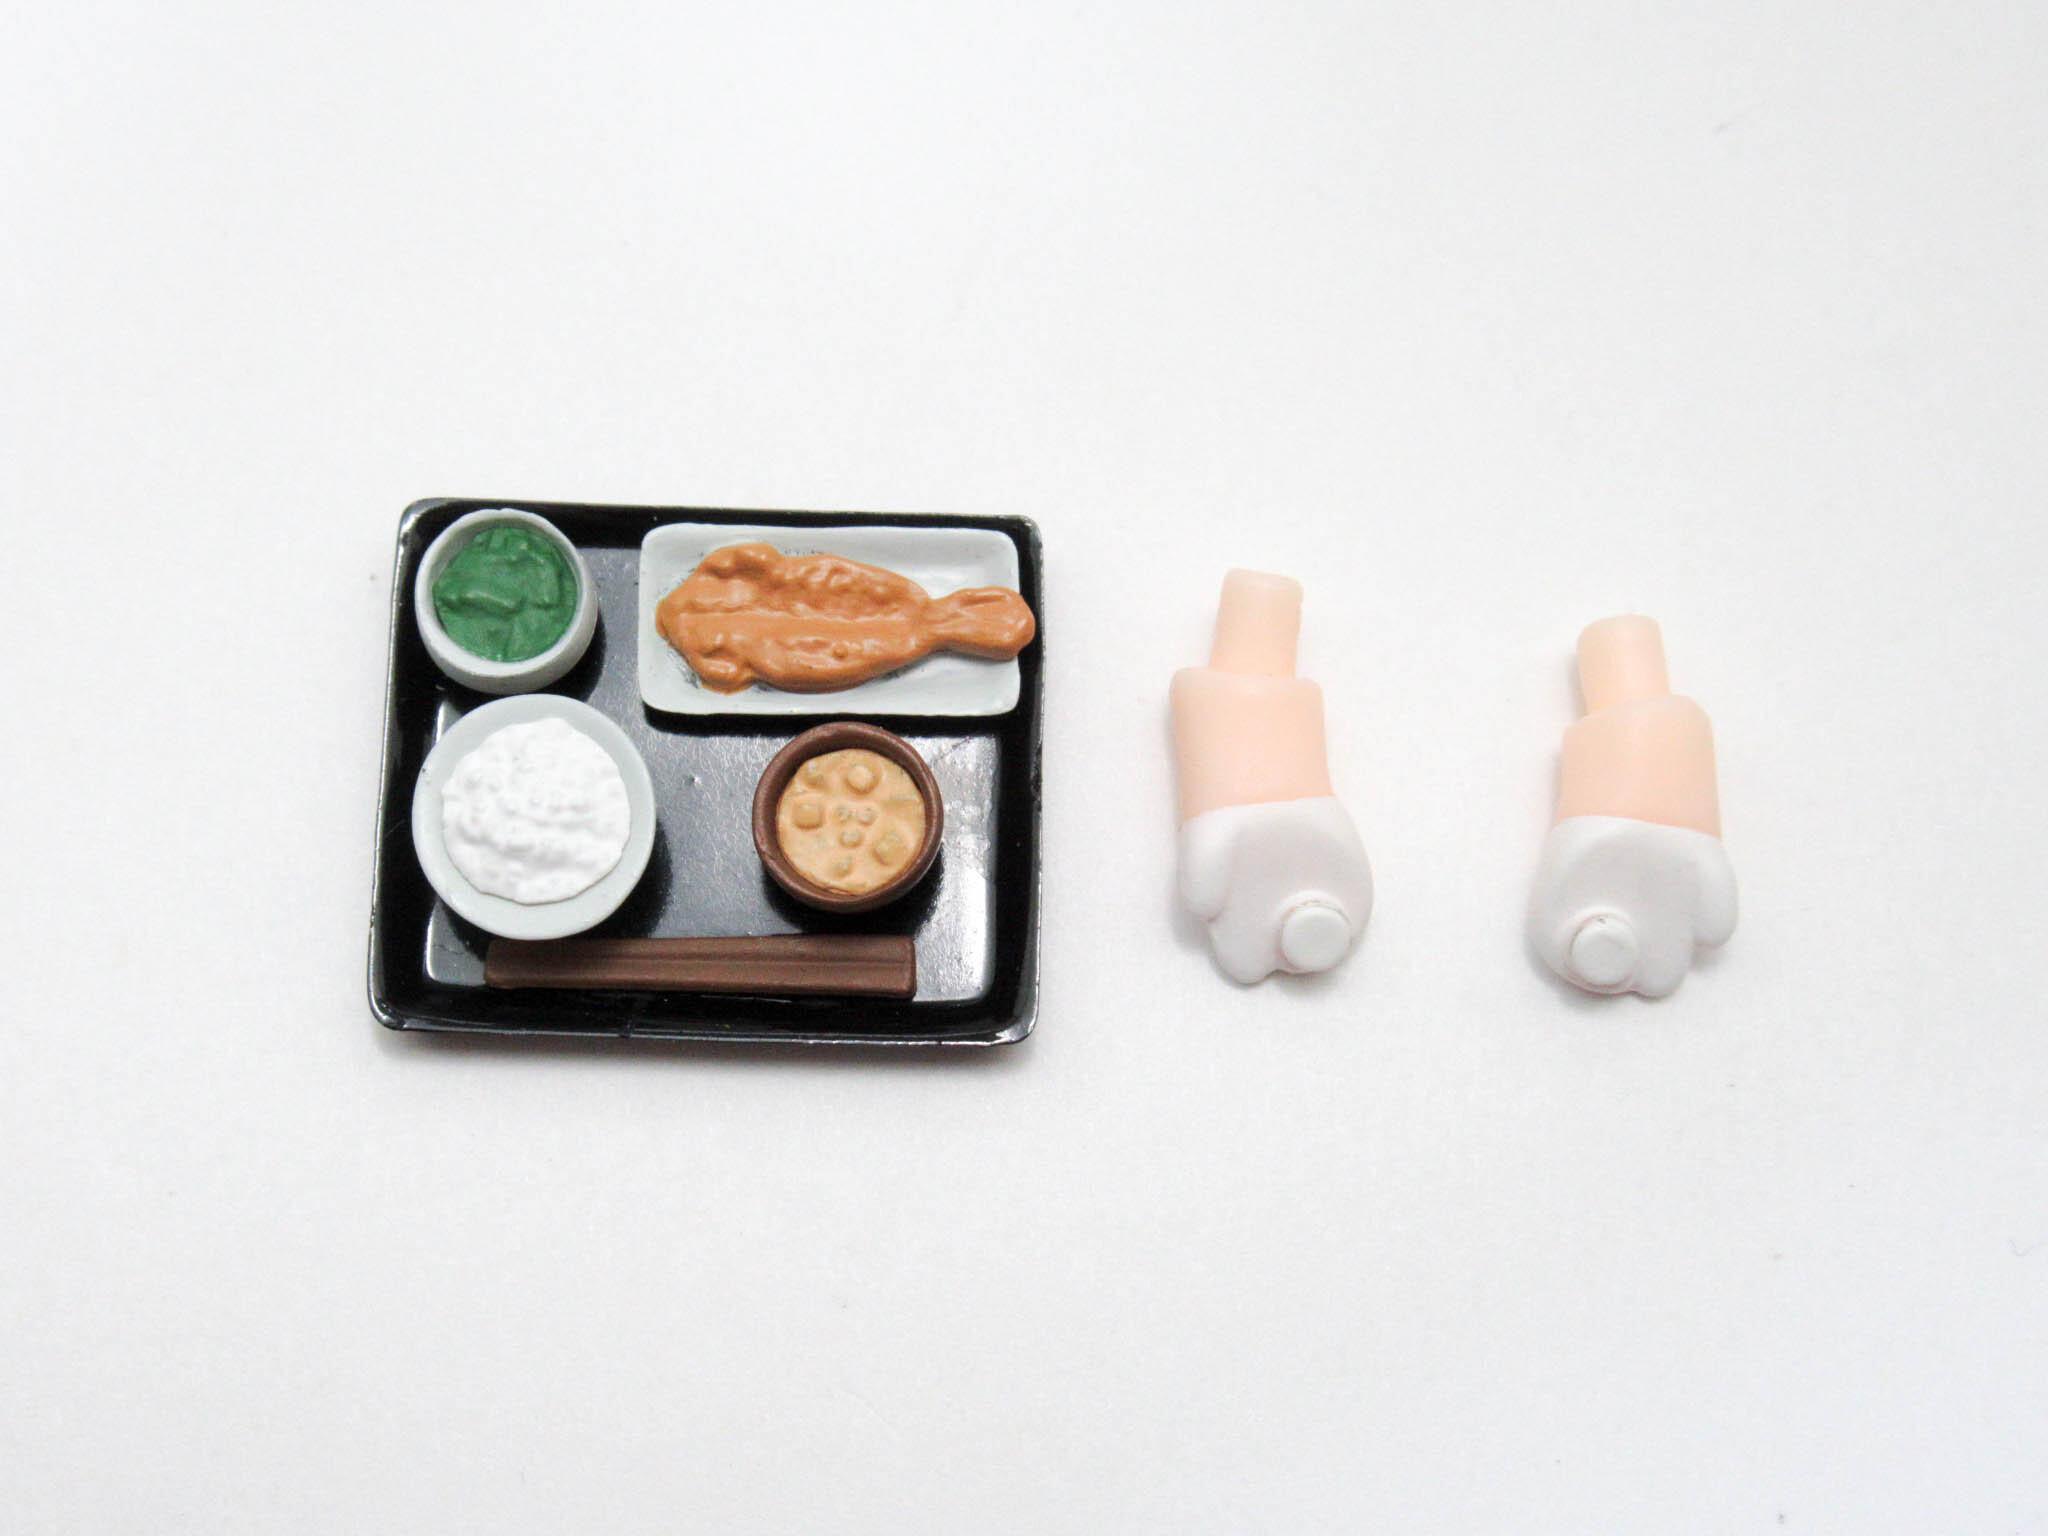 再入荷【577】 秋津洲 小物パーツ 朝食セット ねんどろいど